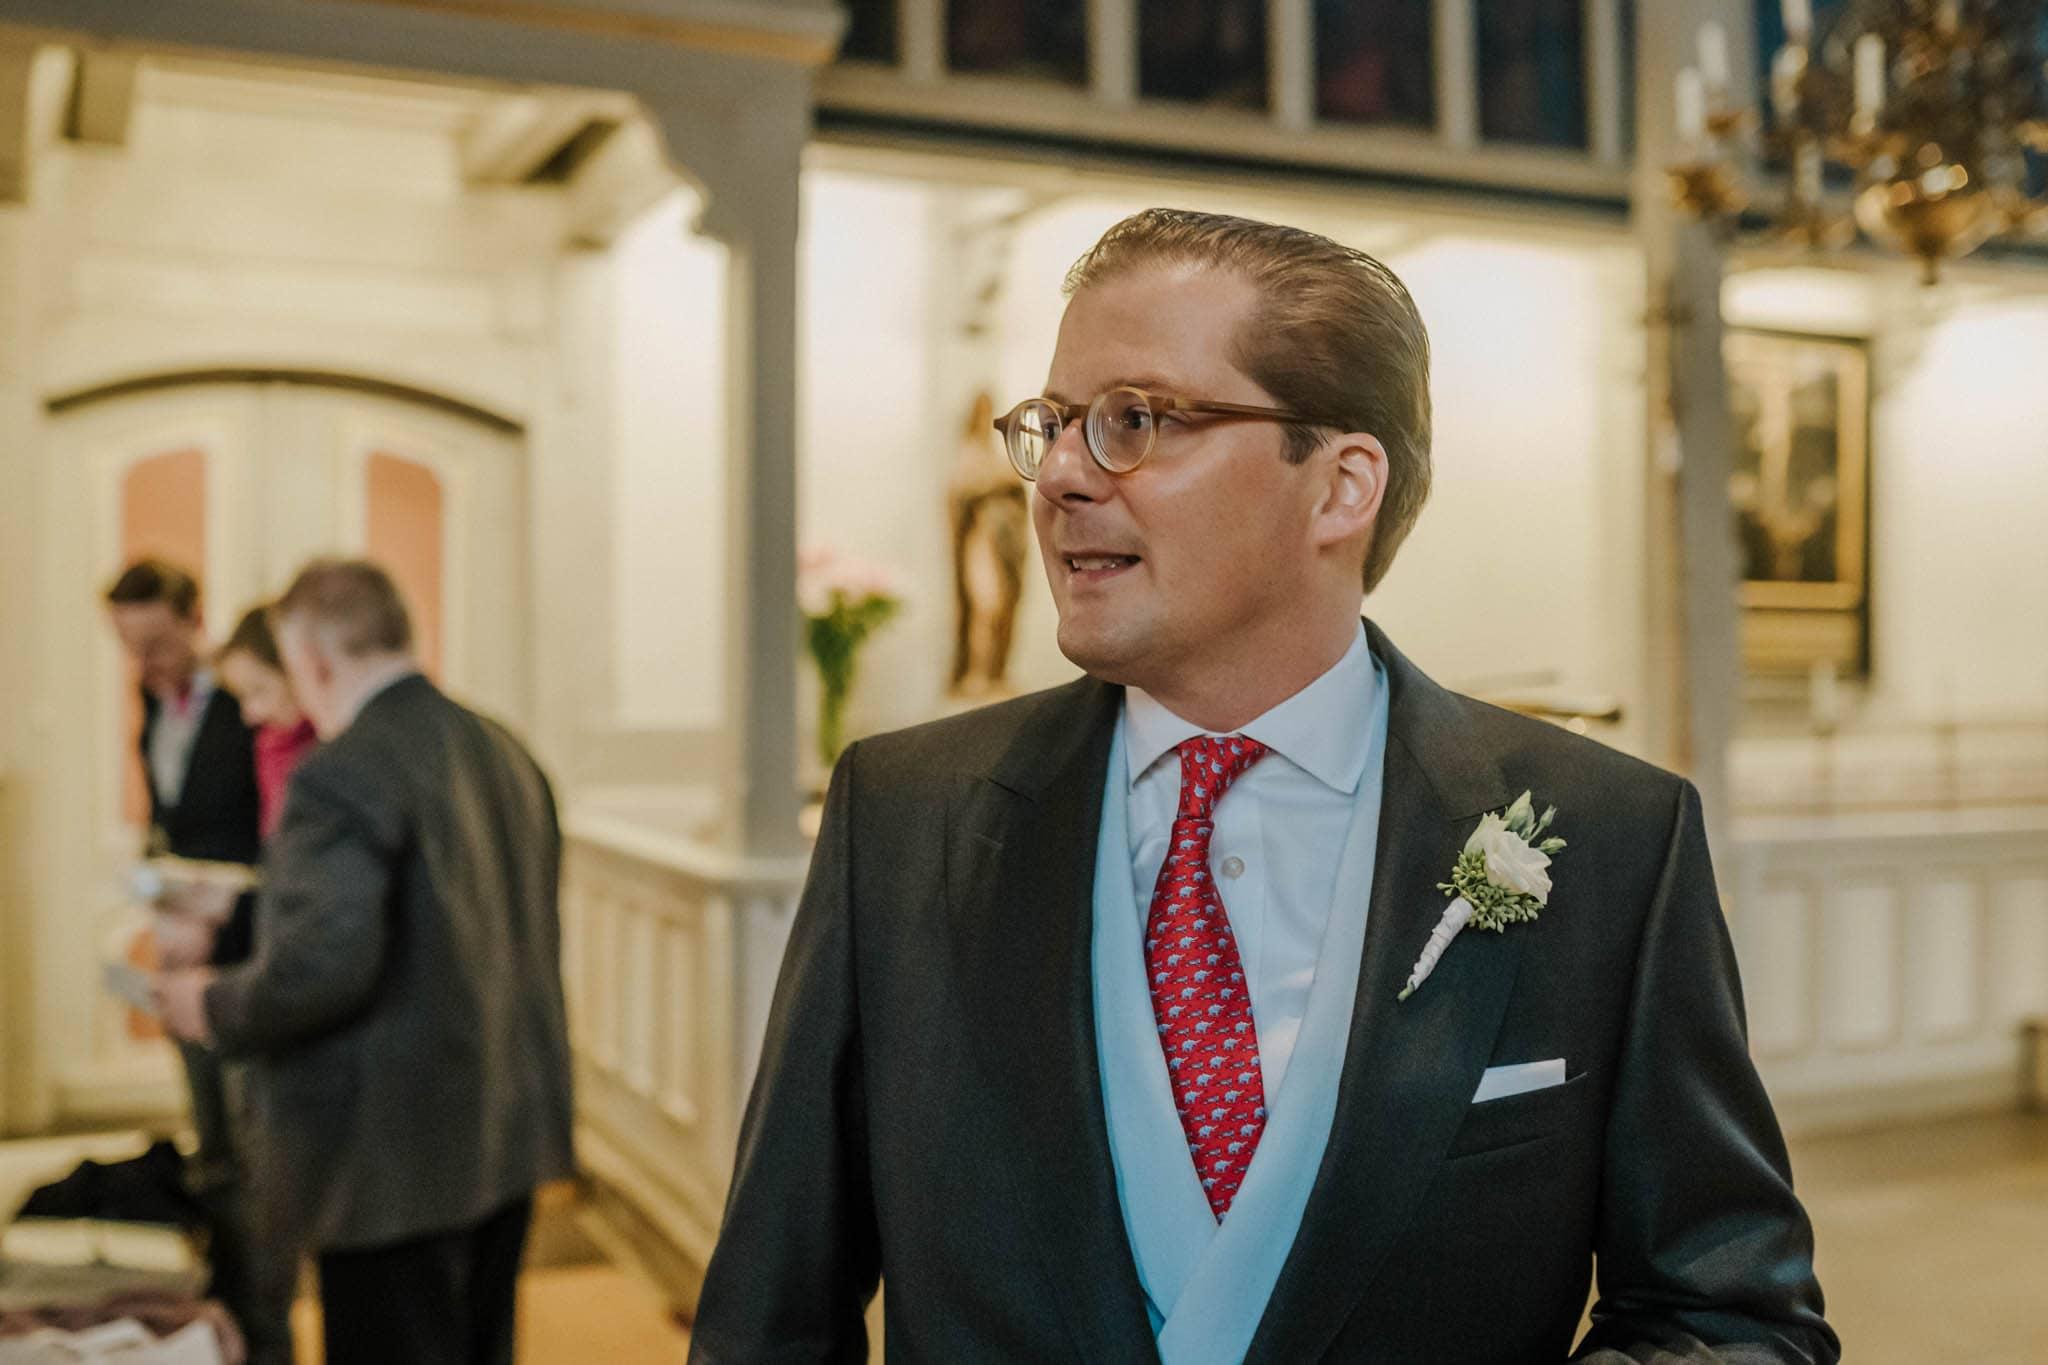 Hochzeitsfieber by Photo-Schomburg, Hochzeitsfotograf, Hamburg,Hochzeitstag, Hochzeitspaar, Braut, Bräutigam, Literaturhauscafe Hamburg-24